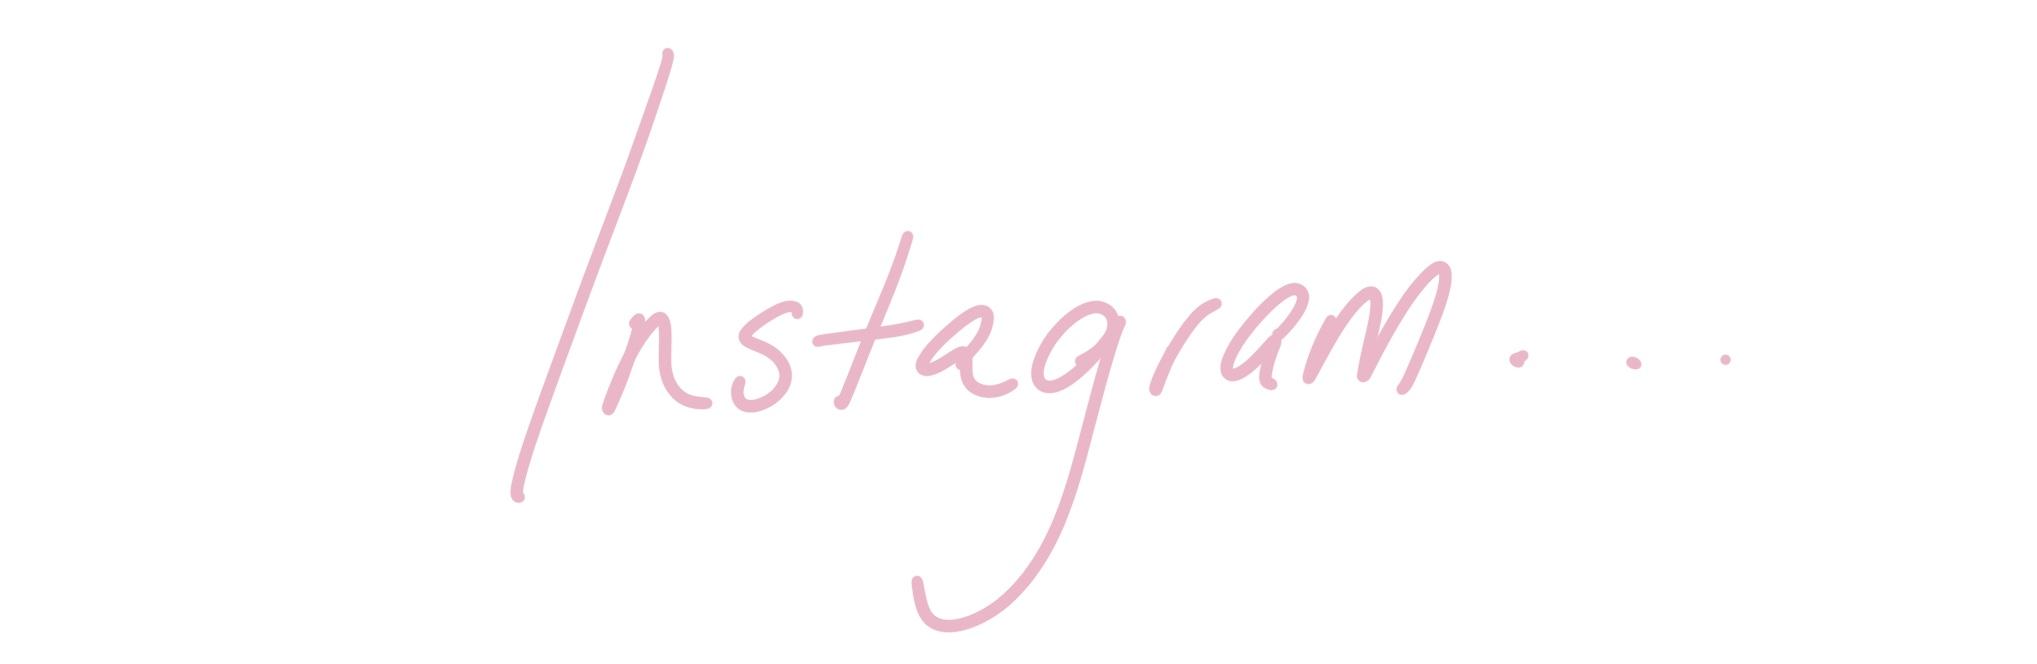 Instagram Plush Design Studio Coffs Harbour website design.jpg